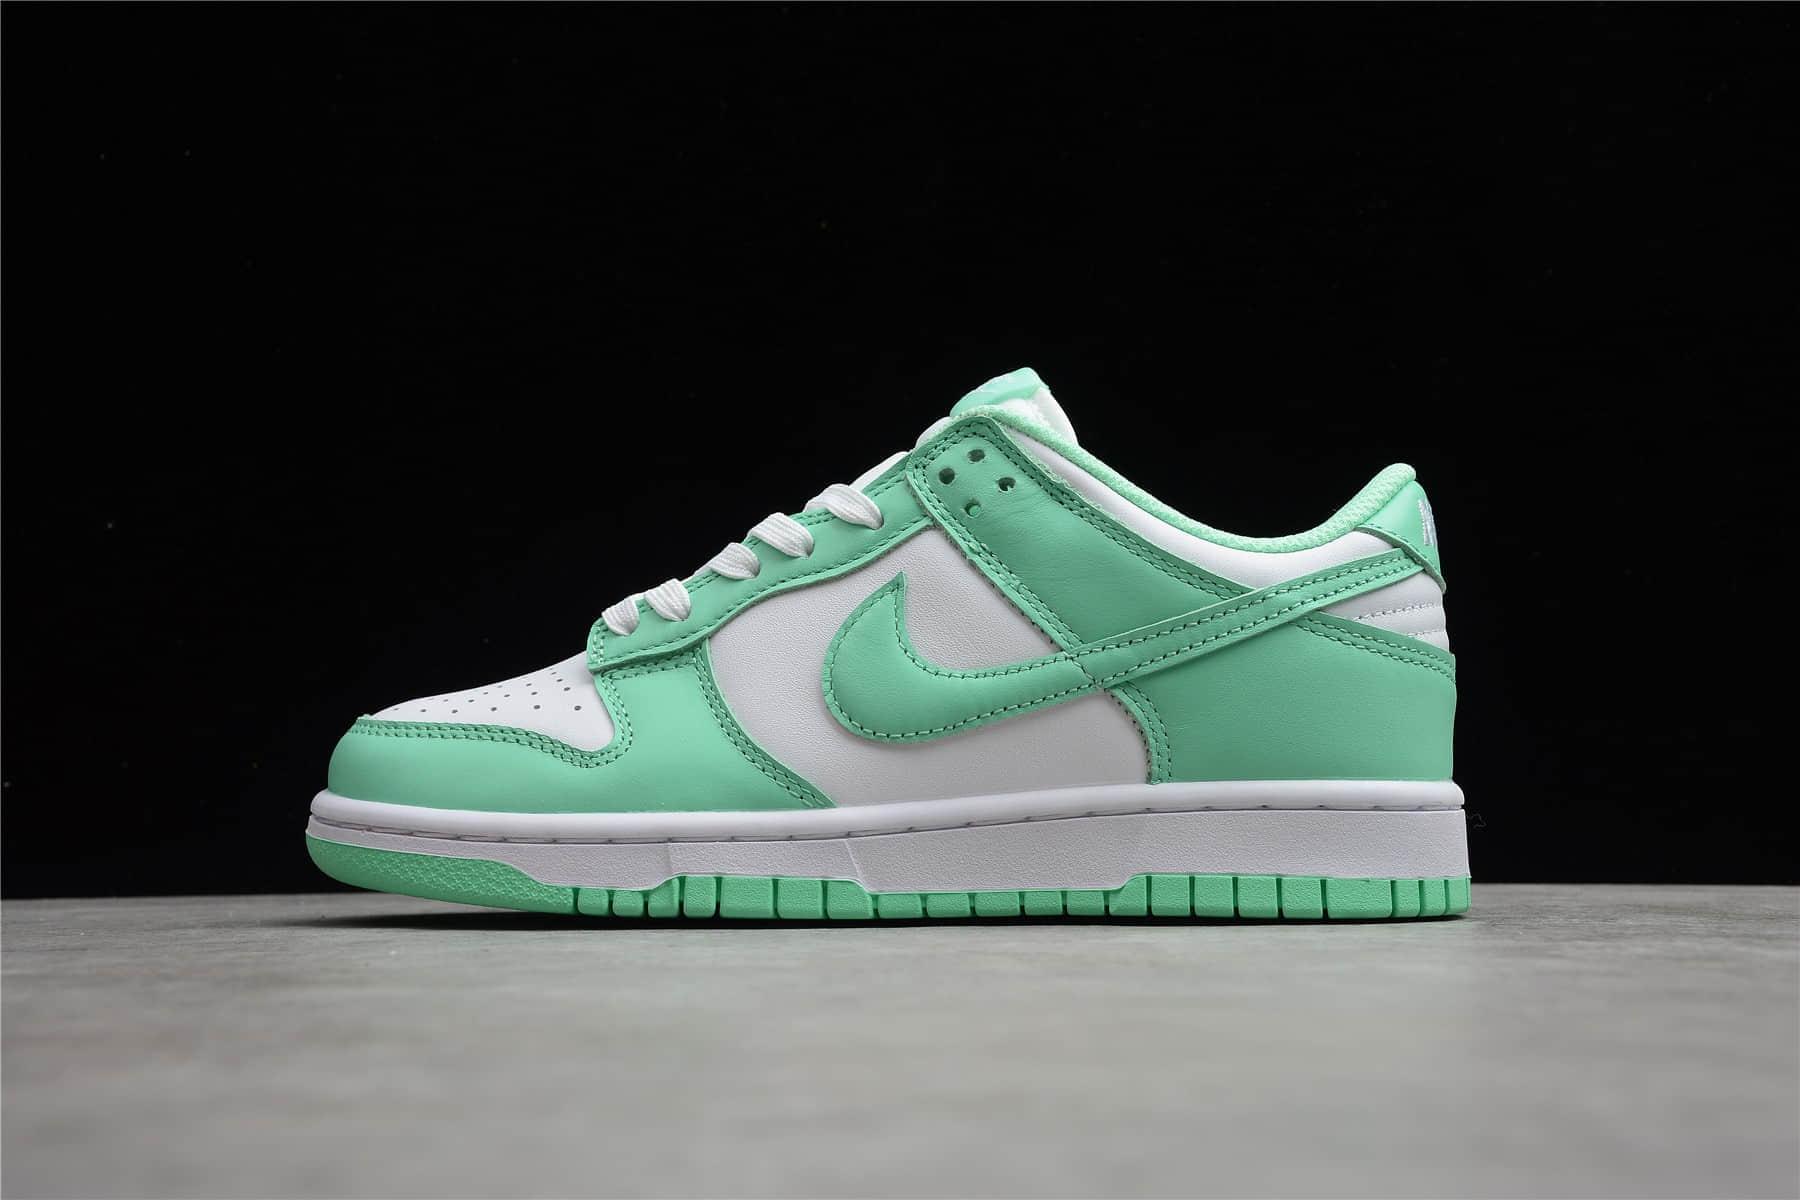 """耐克Dunk蒂芙尼绿白低帮 Nike Dunk Low WMNS """"Green Glow"""" 耐克Dunk原厂复刻 耐克Dunk薄荷绿 货号:DD1503-105-潮流者之家"""